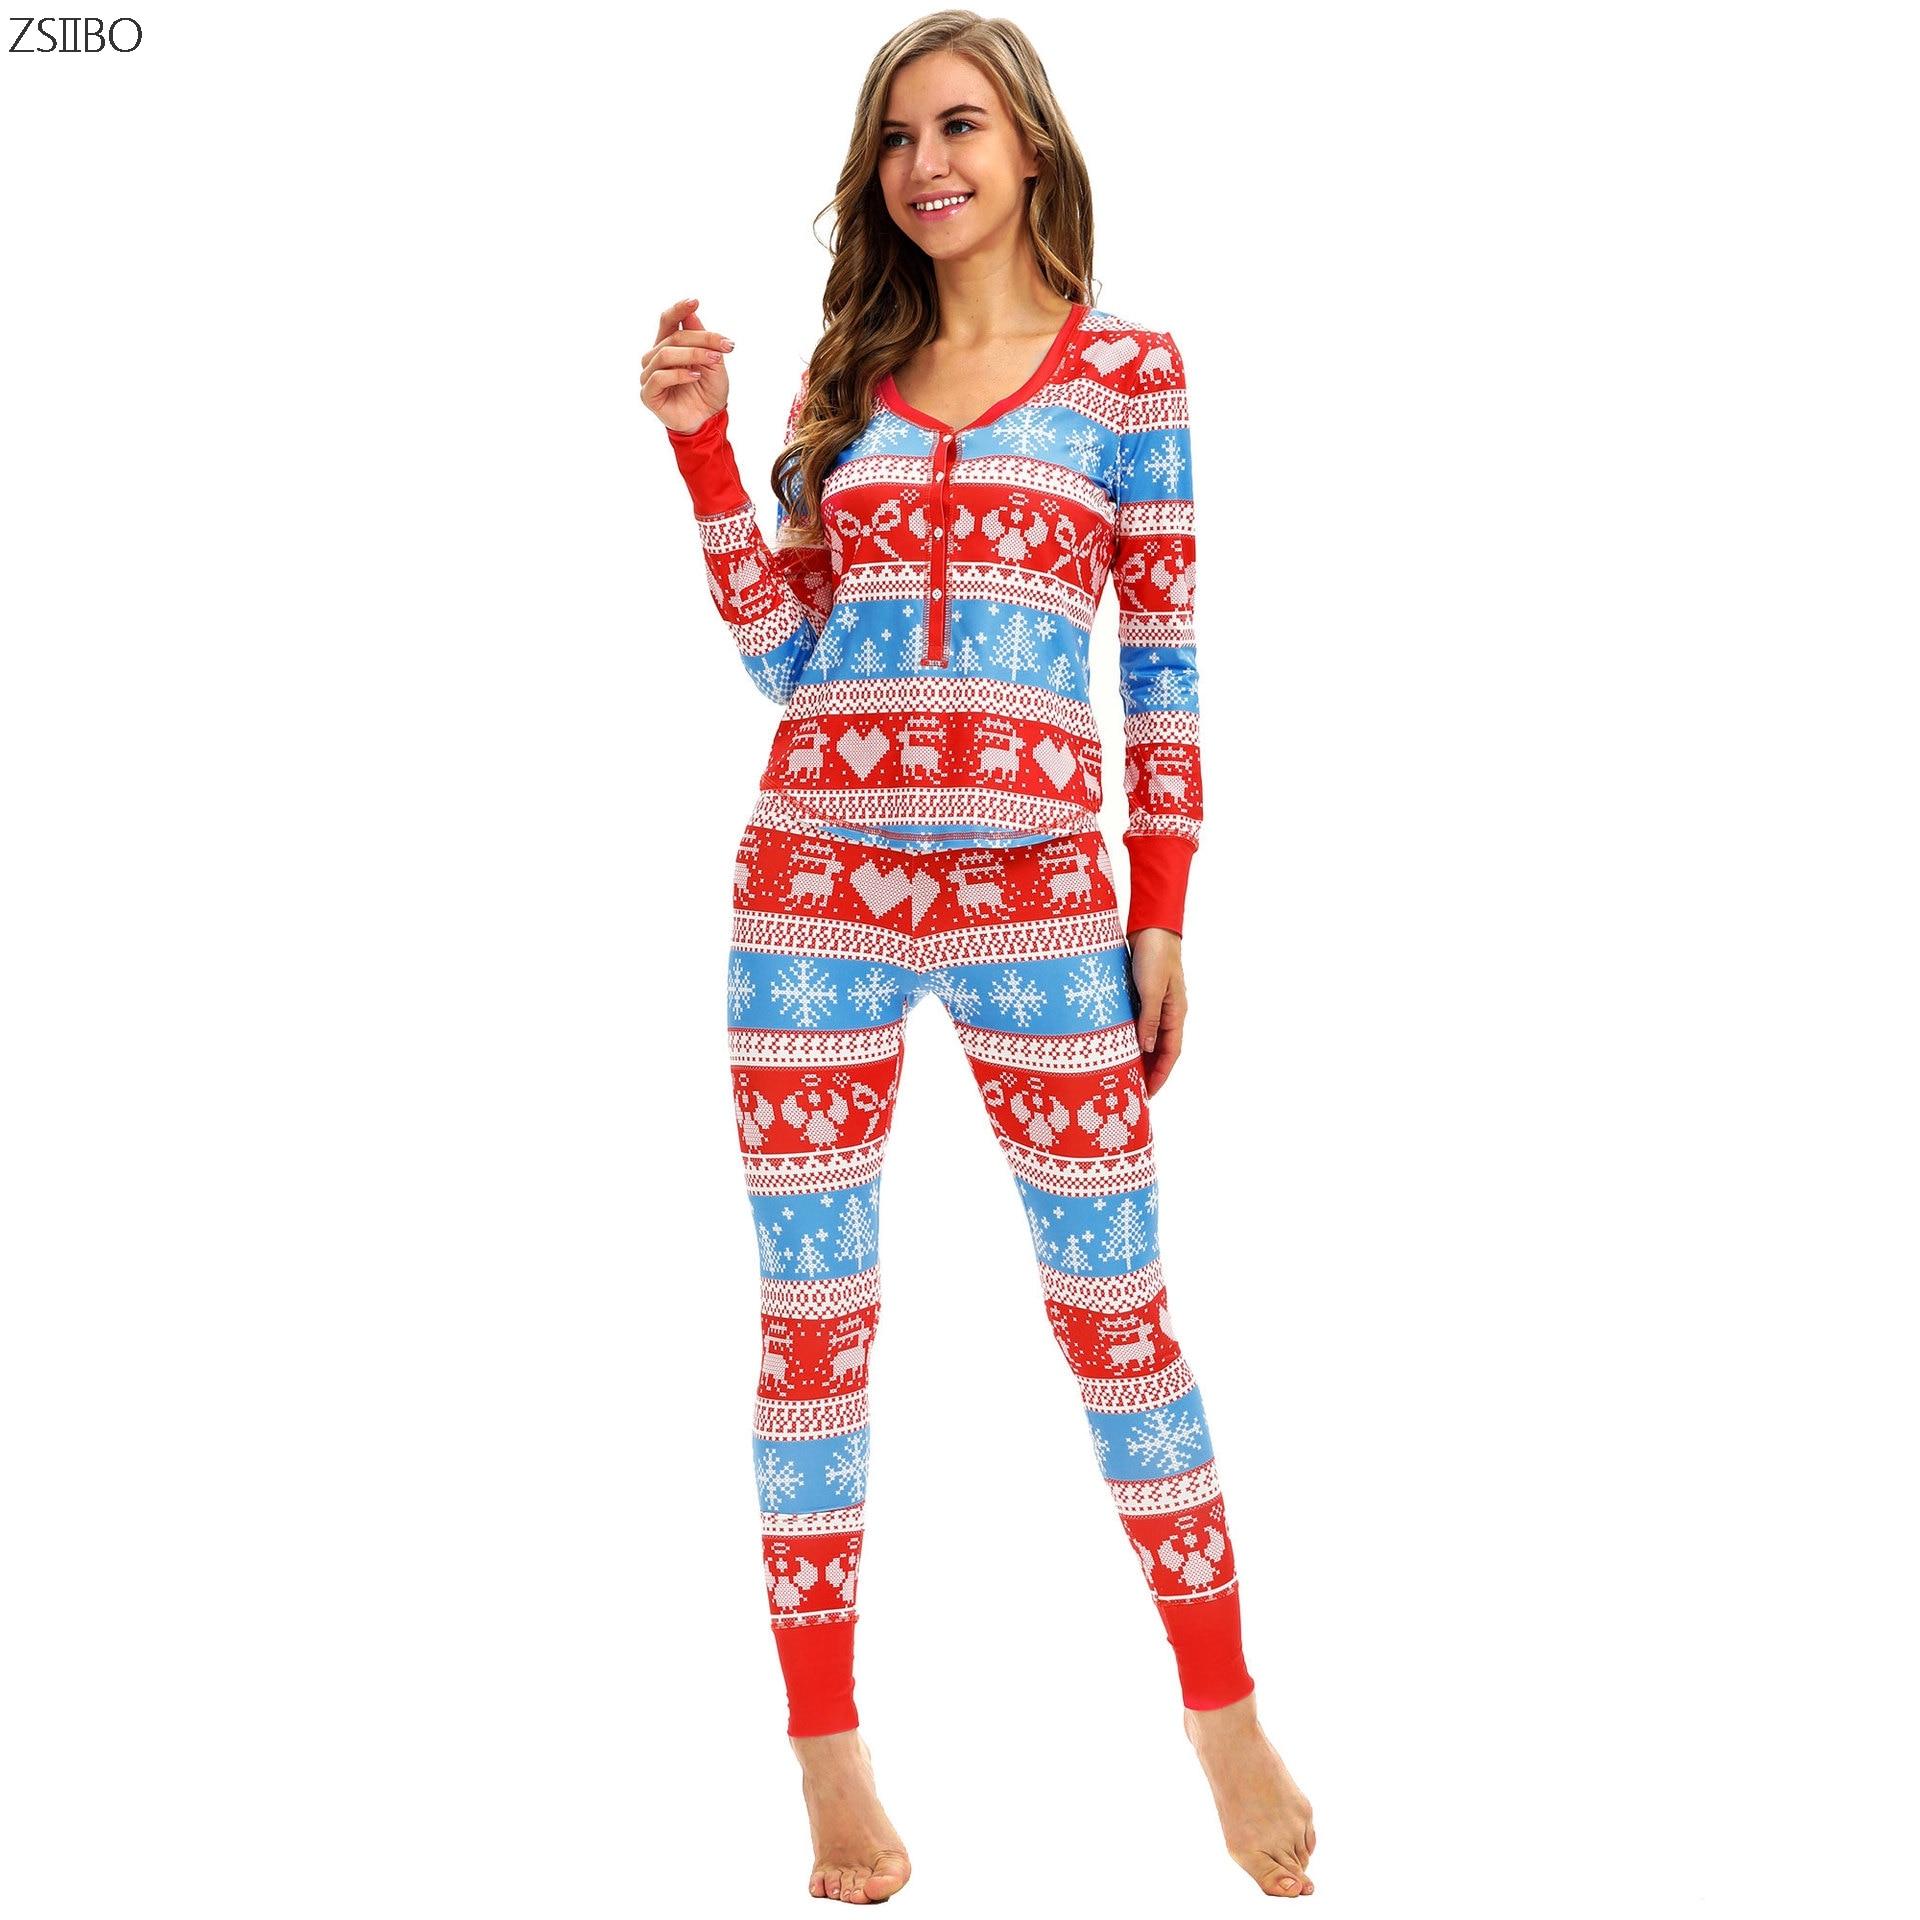 GüNstiger Verkauf Winter Pyjamas Weihnachten Elch 3d Digital Print Dünne Beiläufige Nachtwäsche Langarm Zwei-stück Set Schlafanzug Frauen Plus Größe Sd07